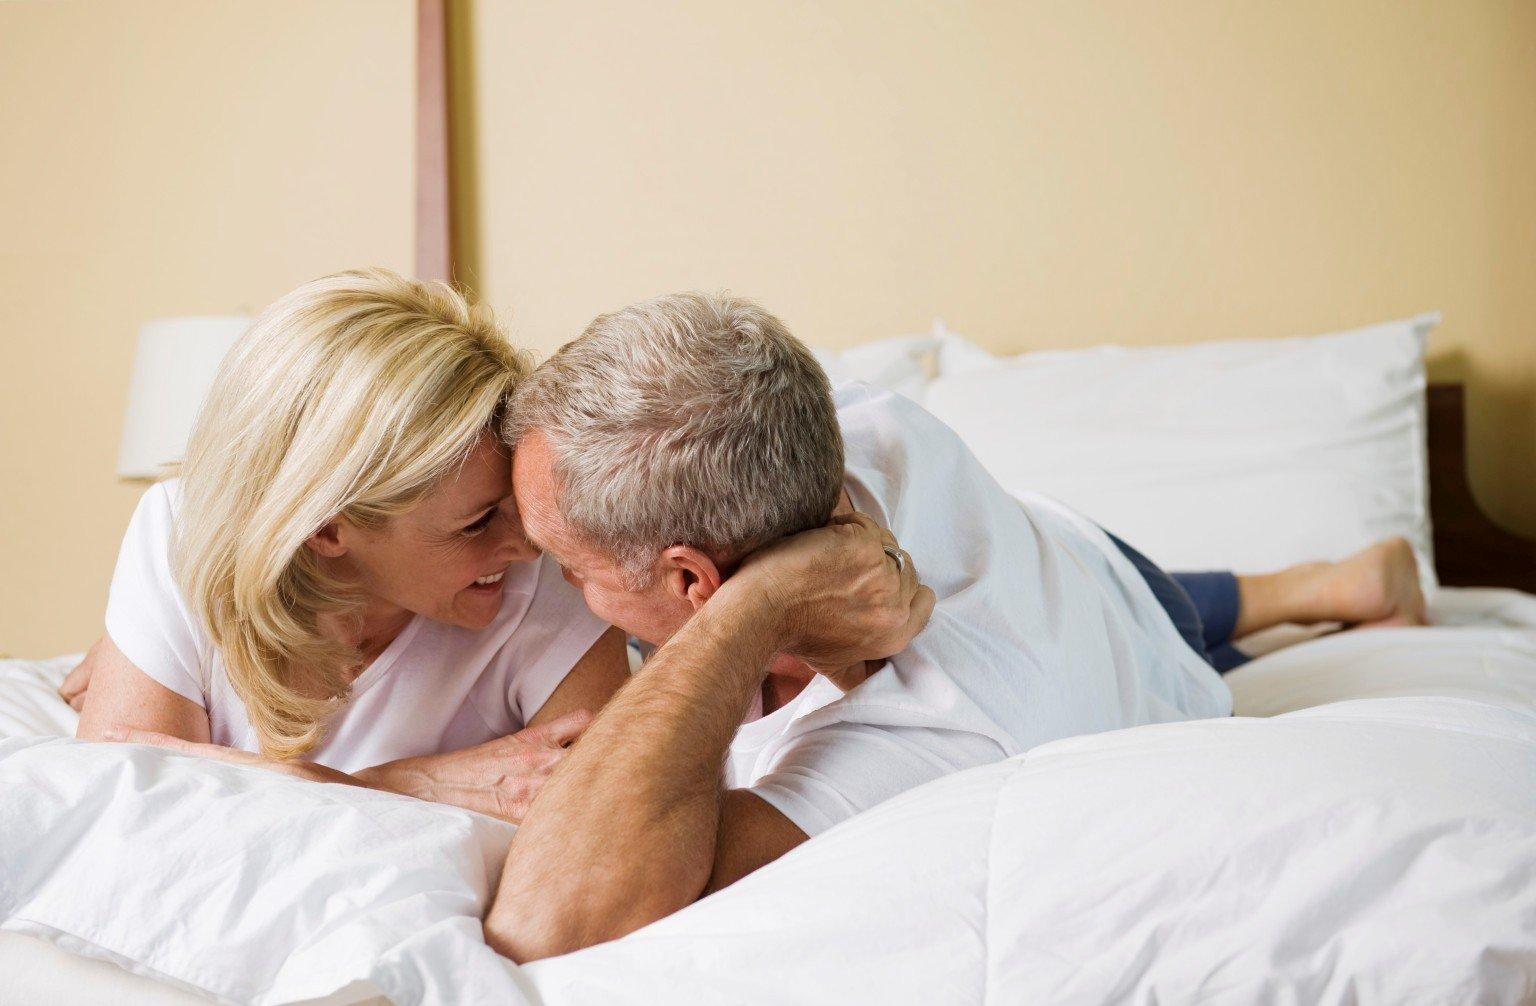 zanimatsya-li-seksom-pri-bolezni